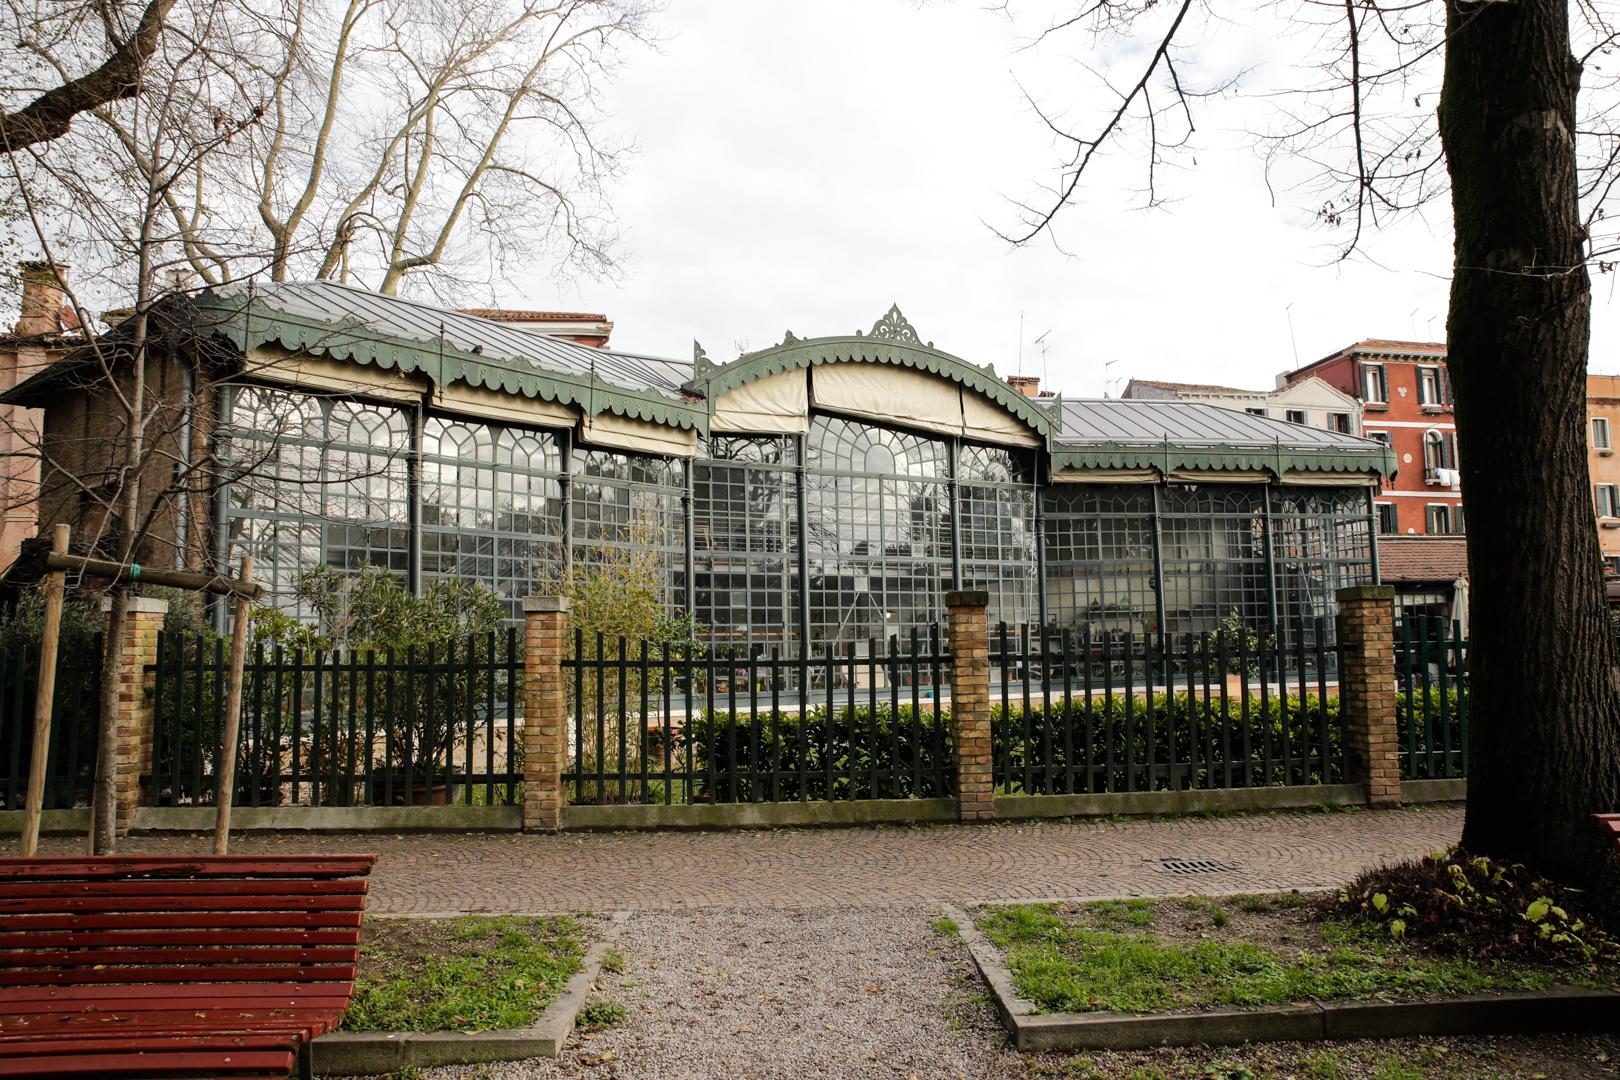 Edificata nel 1894 per ospitare le piante dell'Esposizione Internazionale dell'Arte, oggi la Serra dei Giardini di Venezia è un caffè botanico